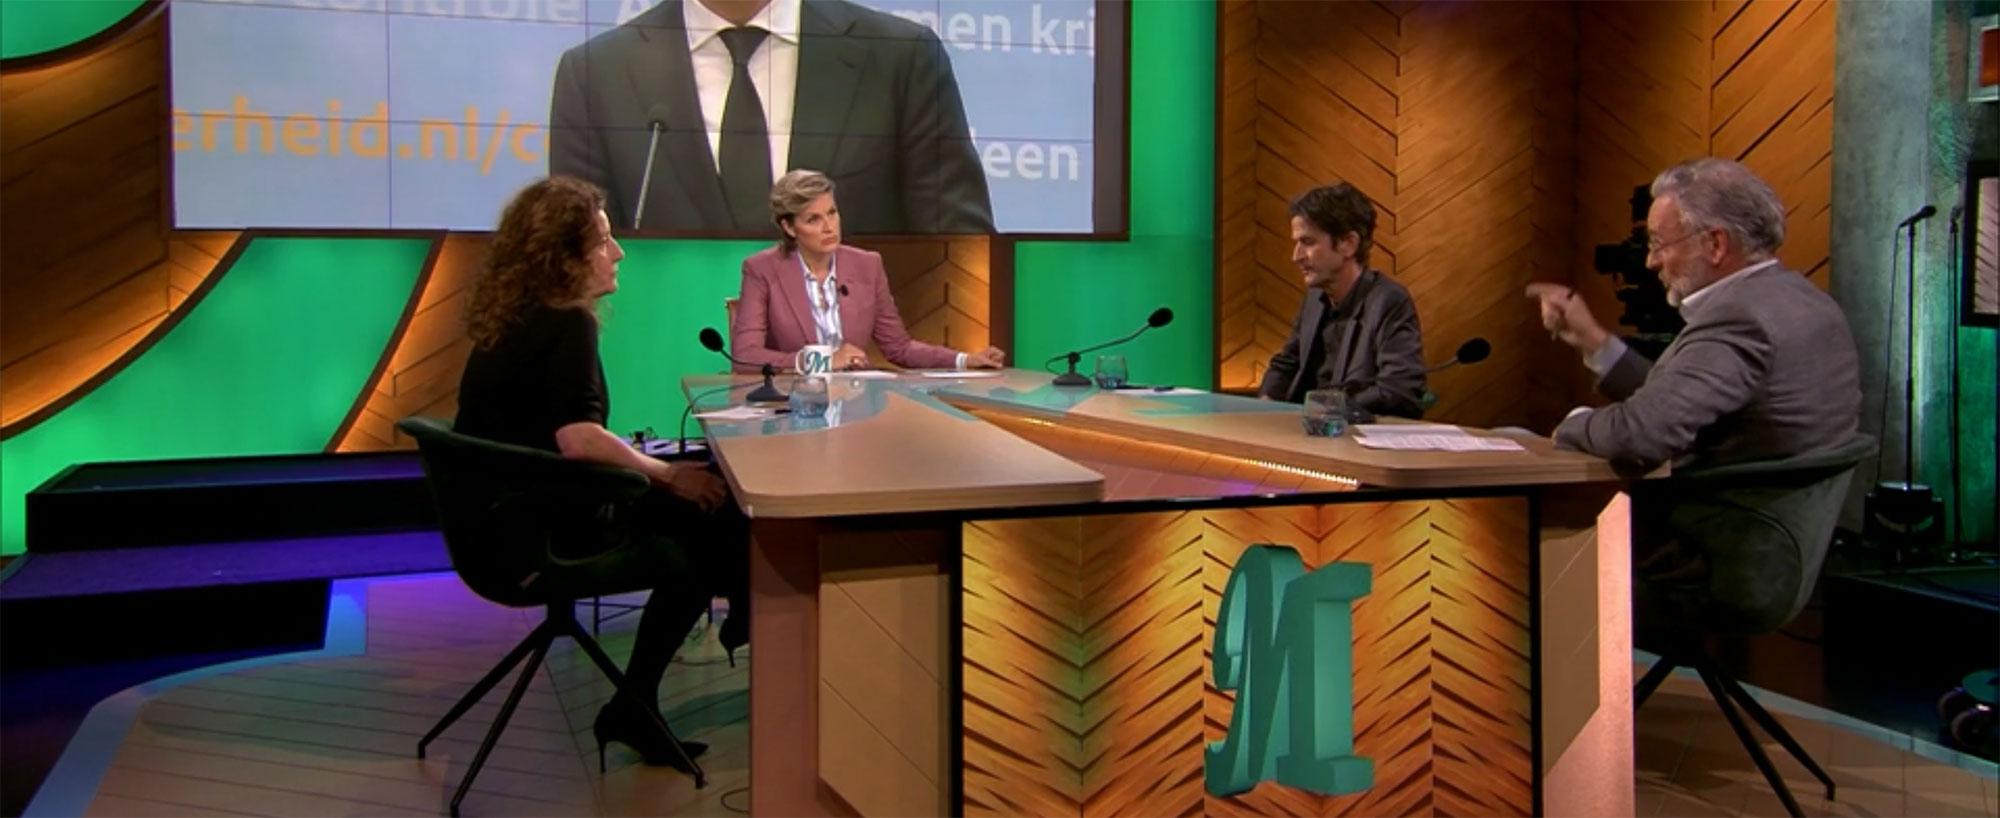 'M: wat is er nodig om de economie van Nederland te redden?'